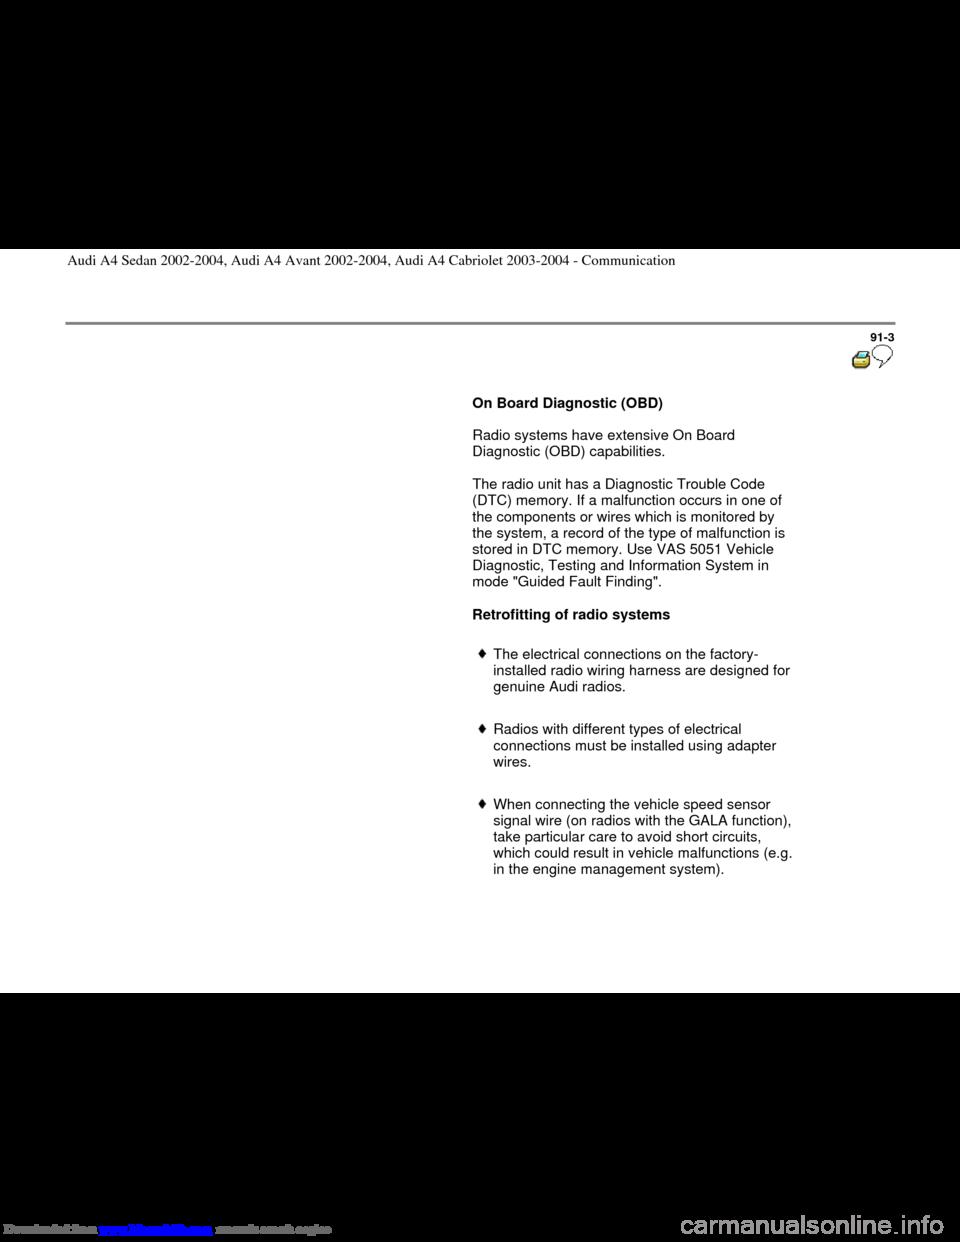 Audi A4 2002 B5 1g Radio System General Information Obd Wiring